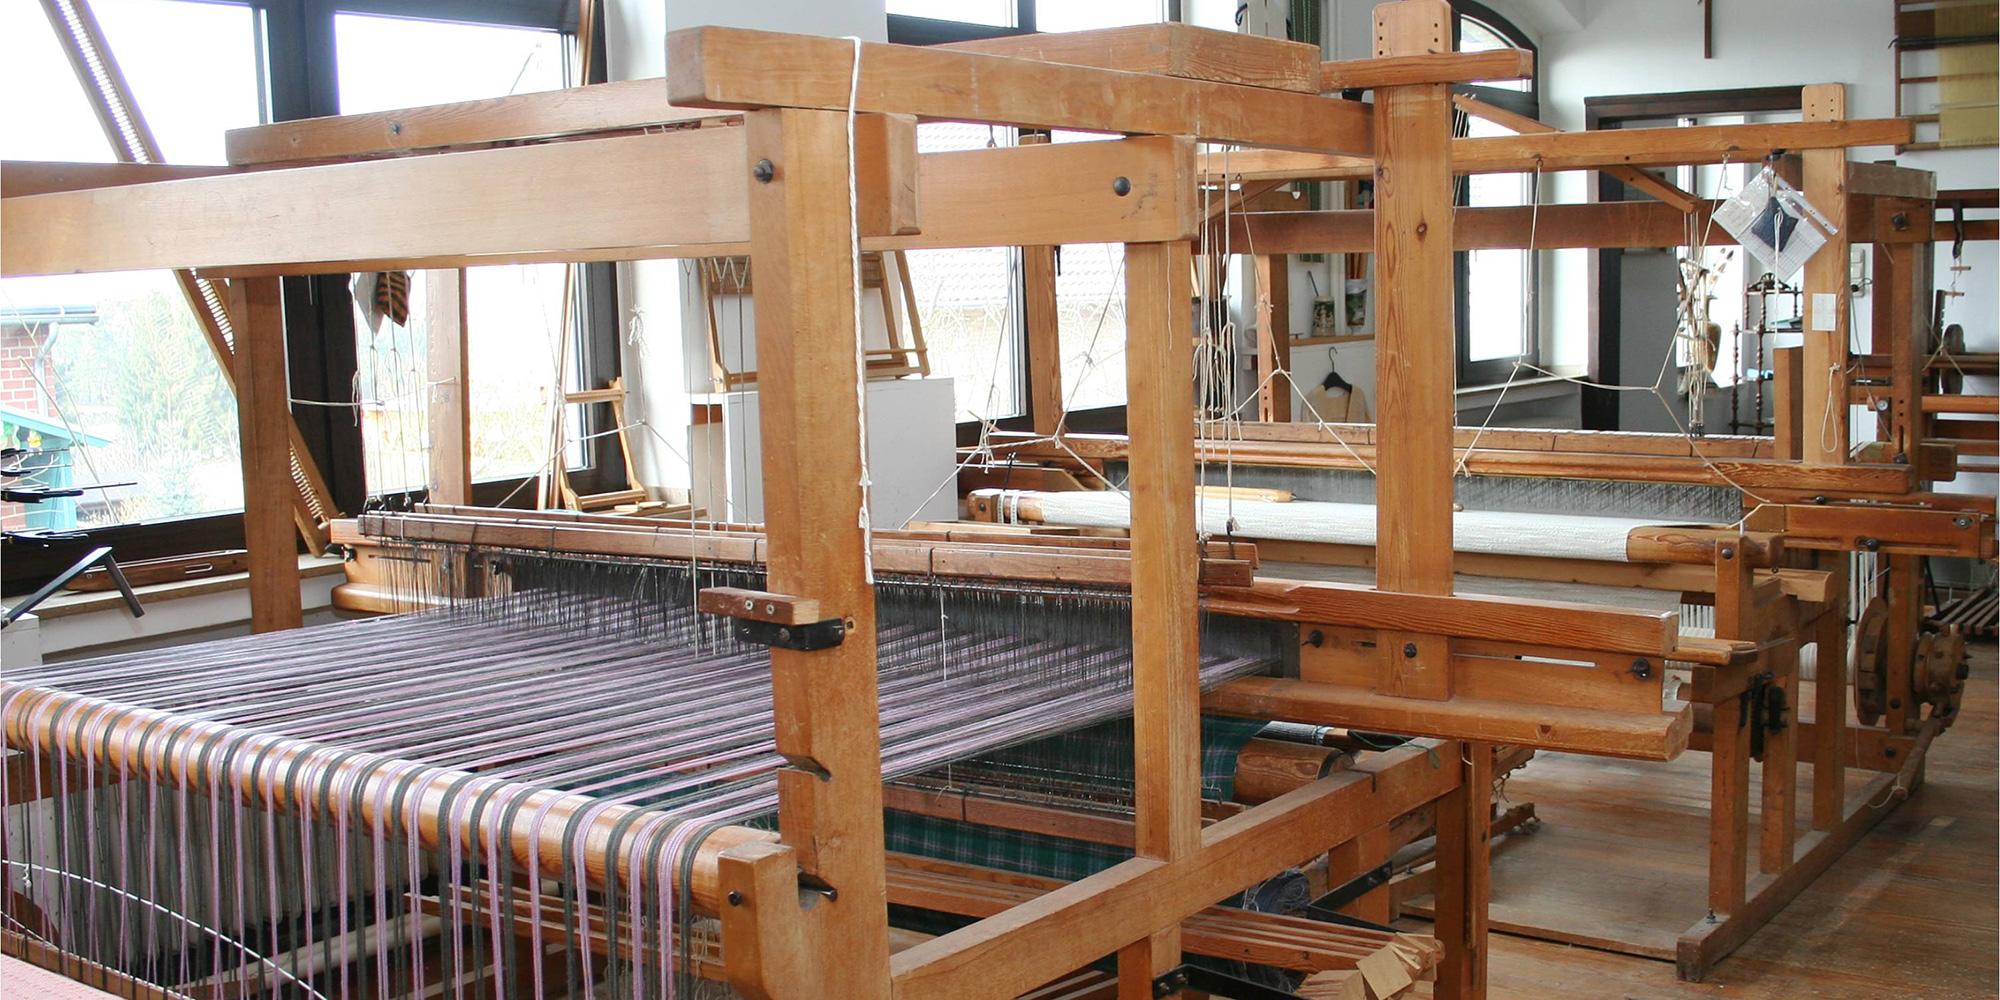 Werkstattraum der Werkgemeinschaft Ruppperath